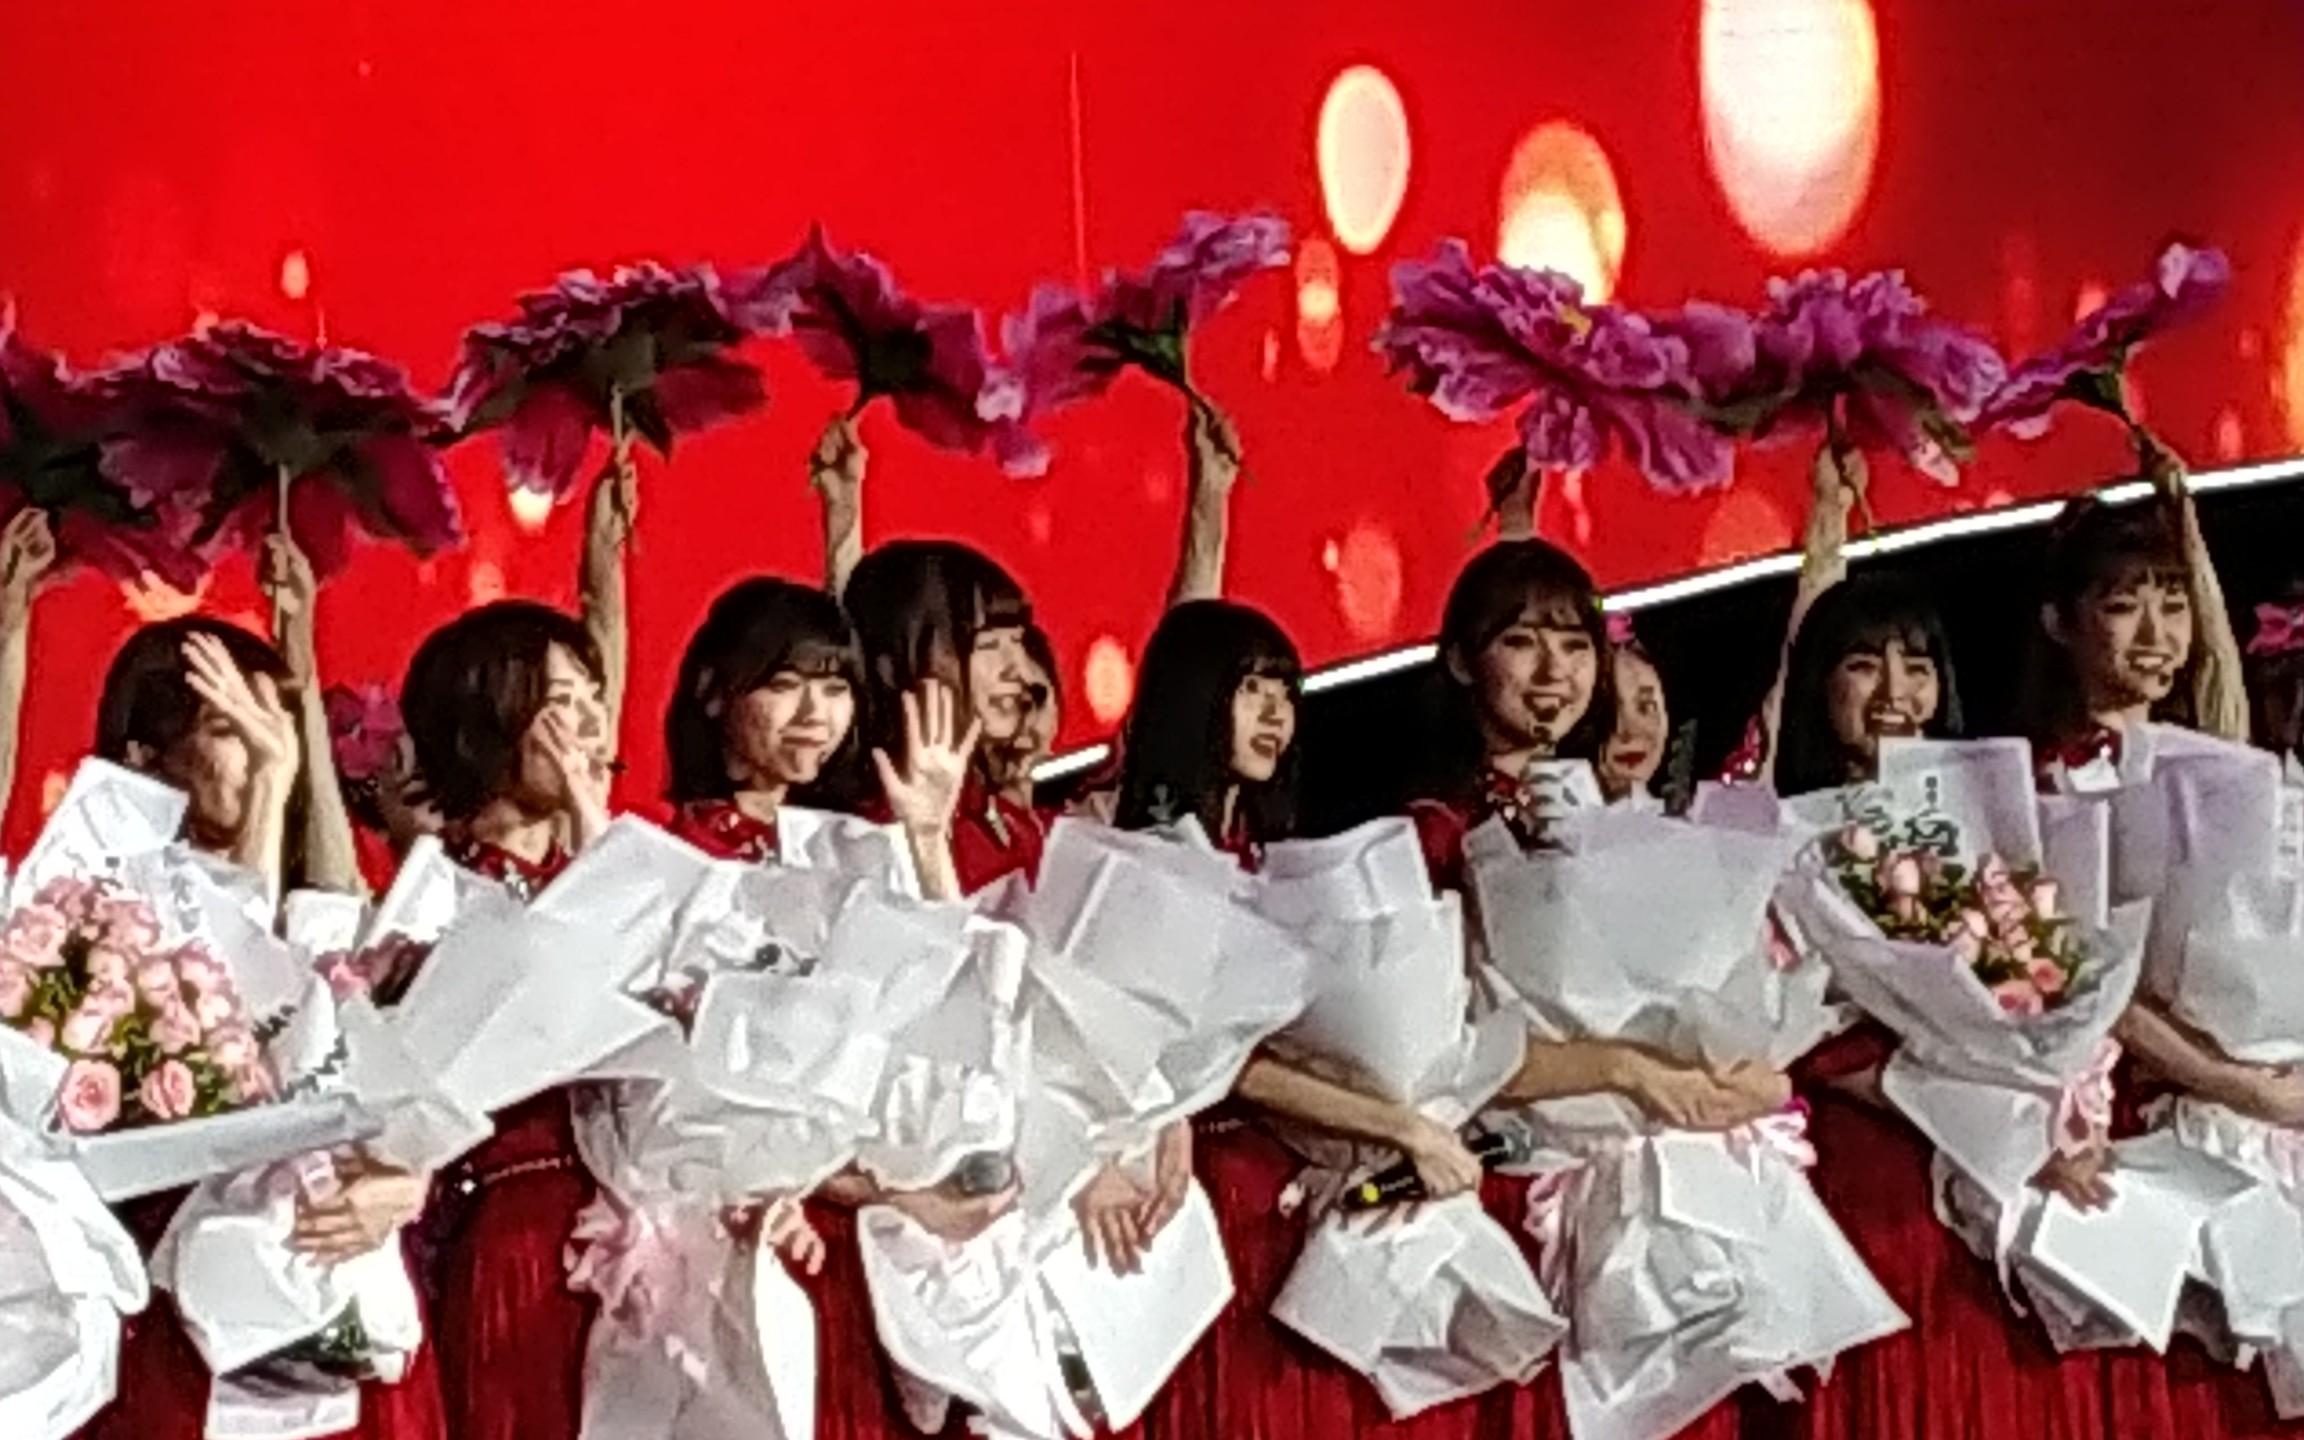 乃木坂46的西安演唱會♬︎*(๑ºั╰︎╯︎ºั๑)♡︎_嗶哩嗶哩 (゜-゜)つロ 干杯~-bilibili